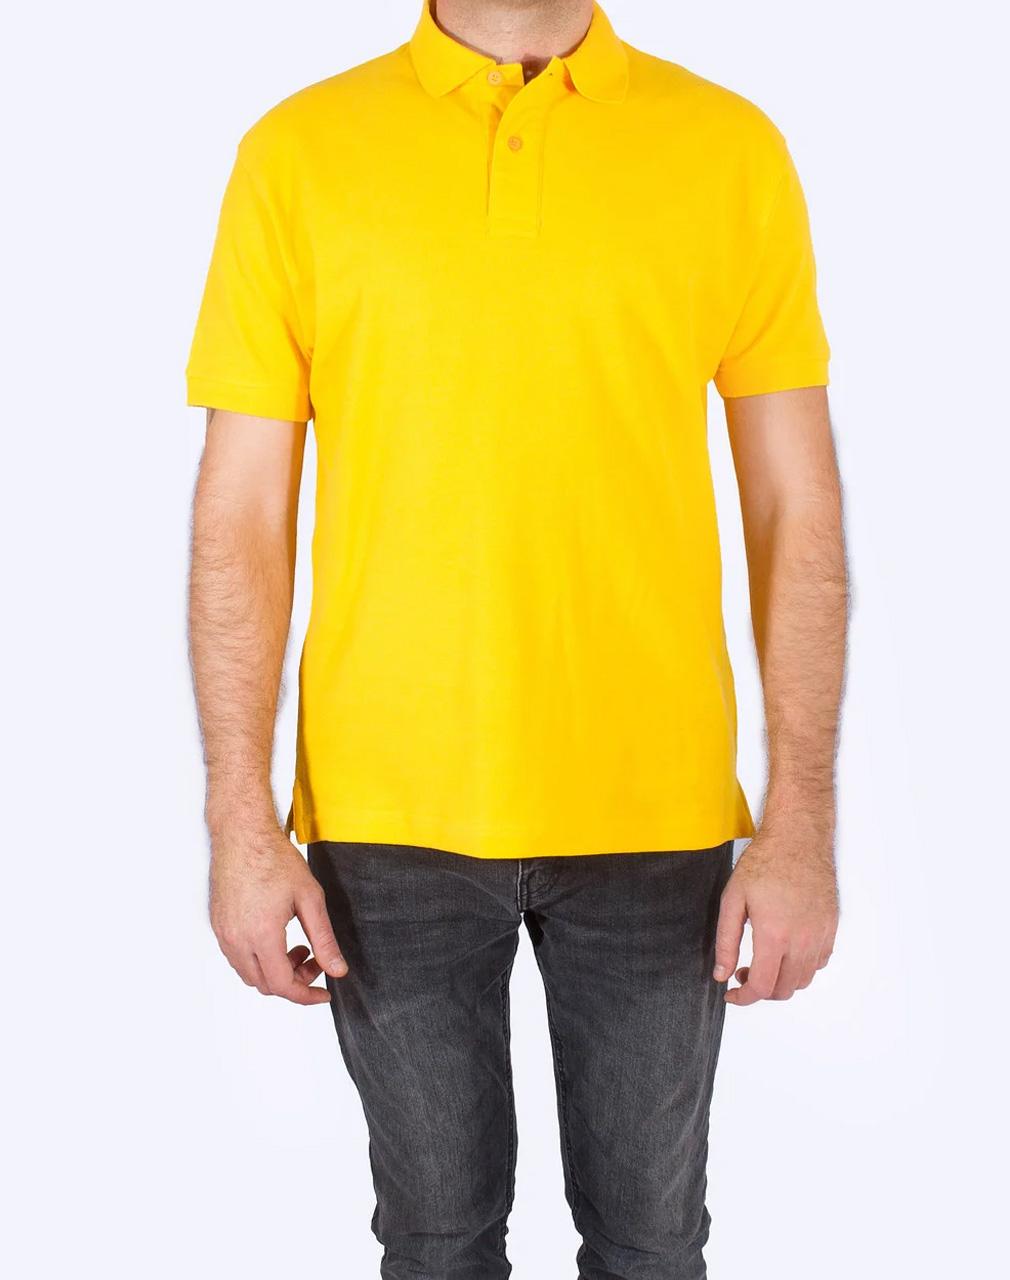 желтая мужская футболка из текстиля